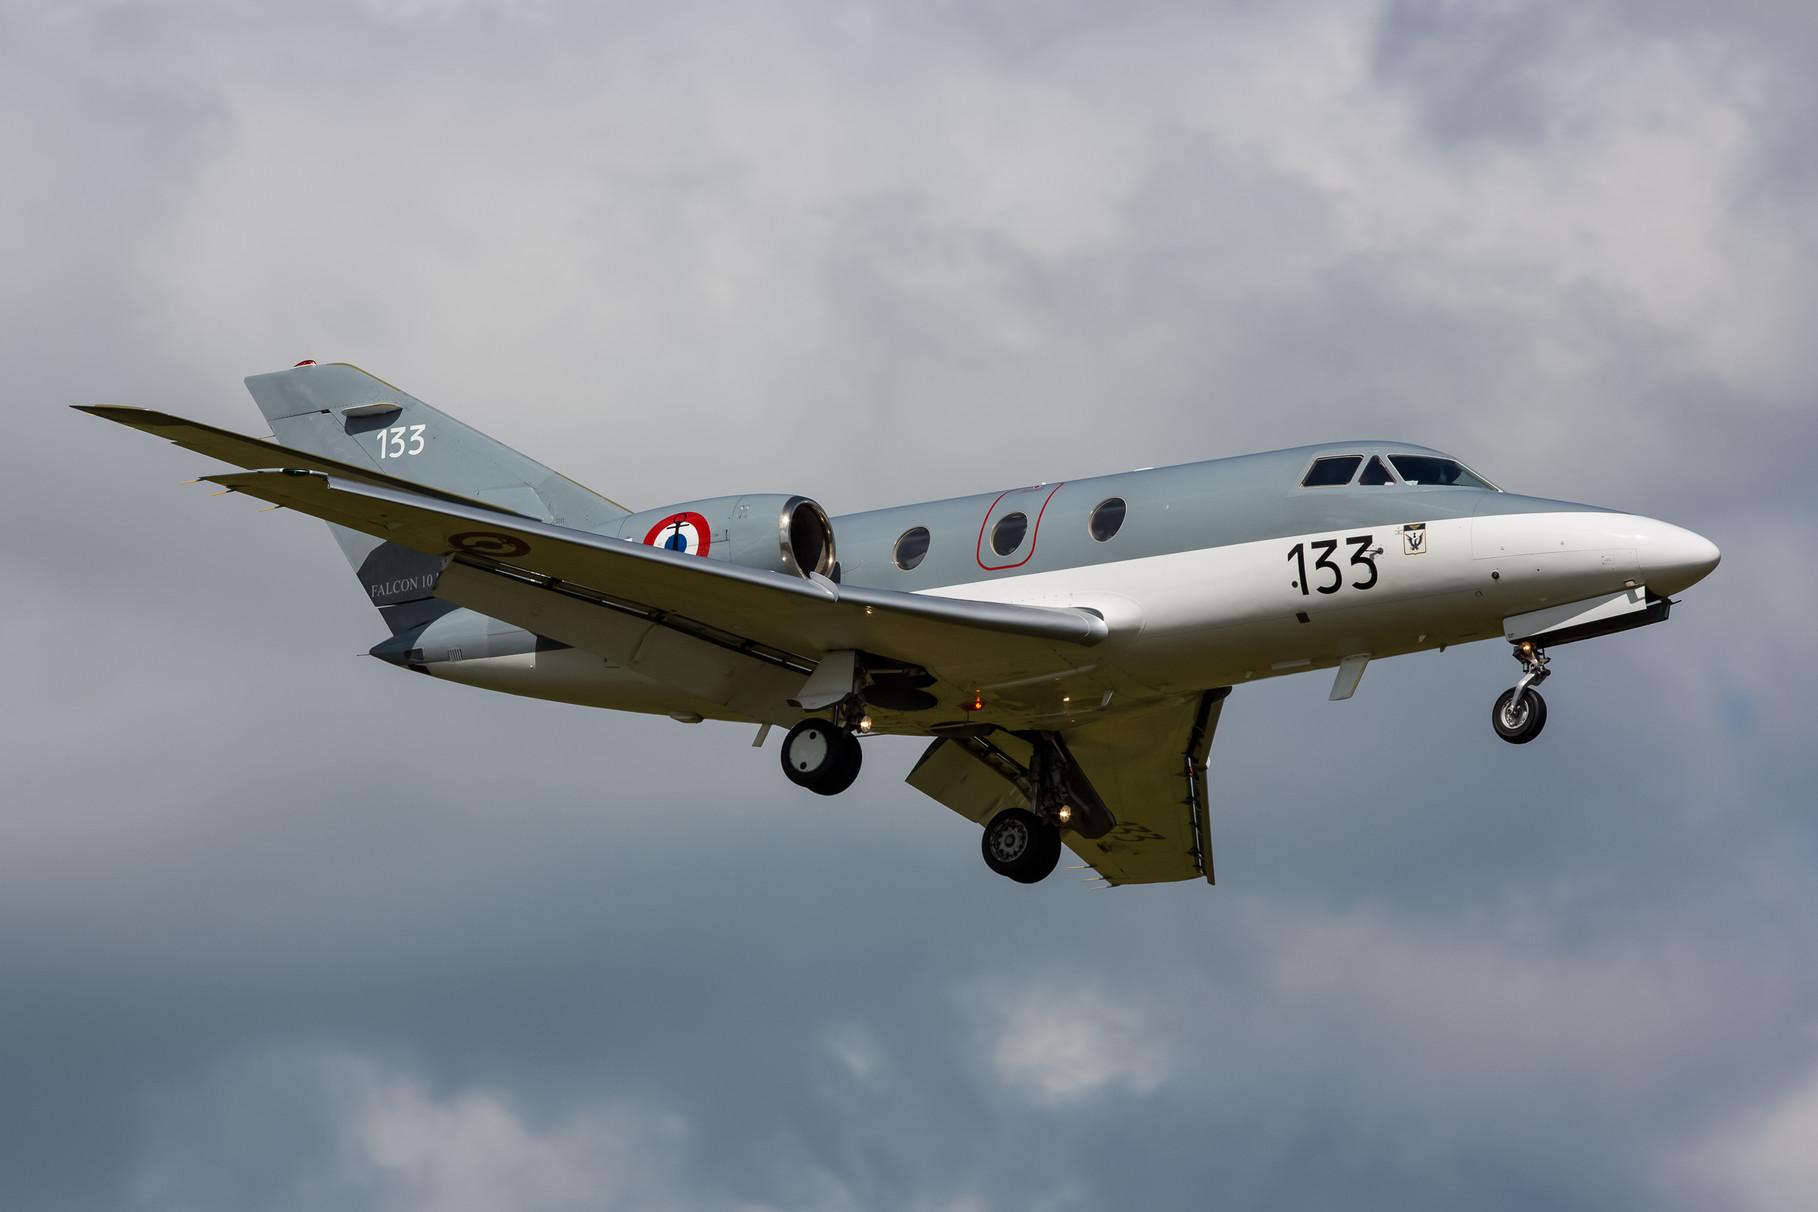 Als Supporter kam diese Falcon 10 der Aeronavale.